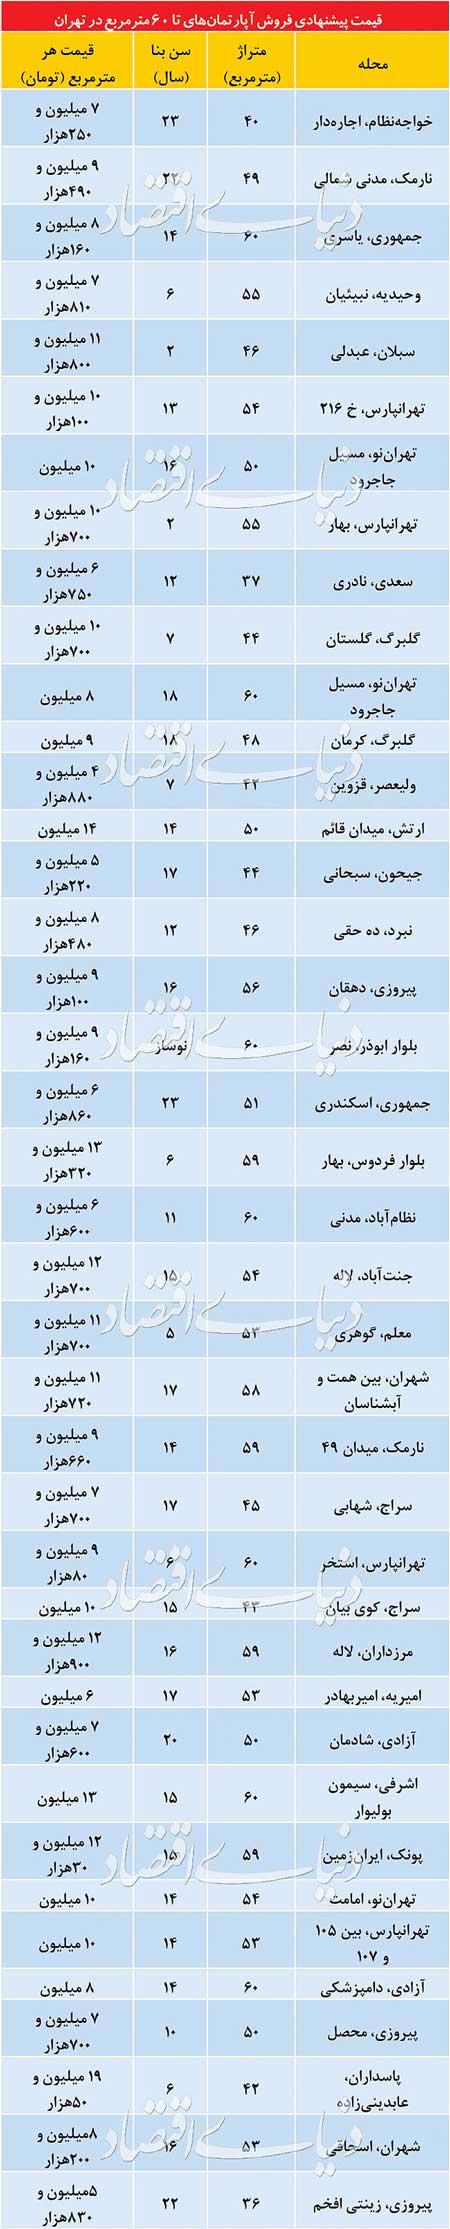 قیمت آپارتمانهای نقلی در مناطق مختلف تهران - 2